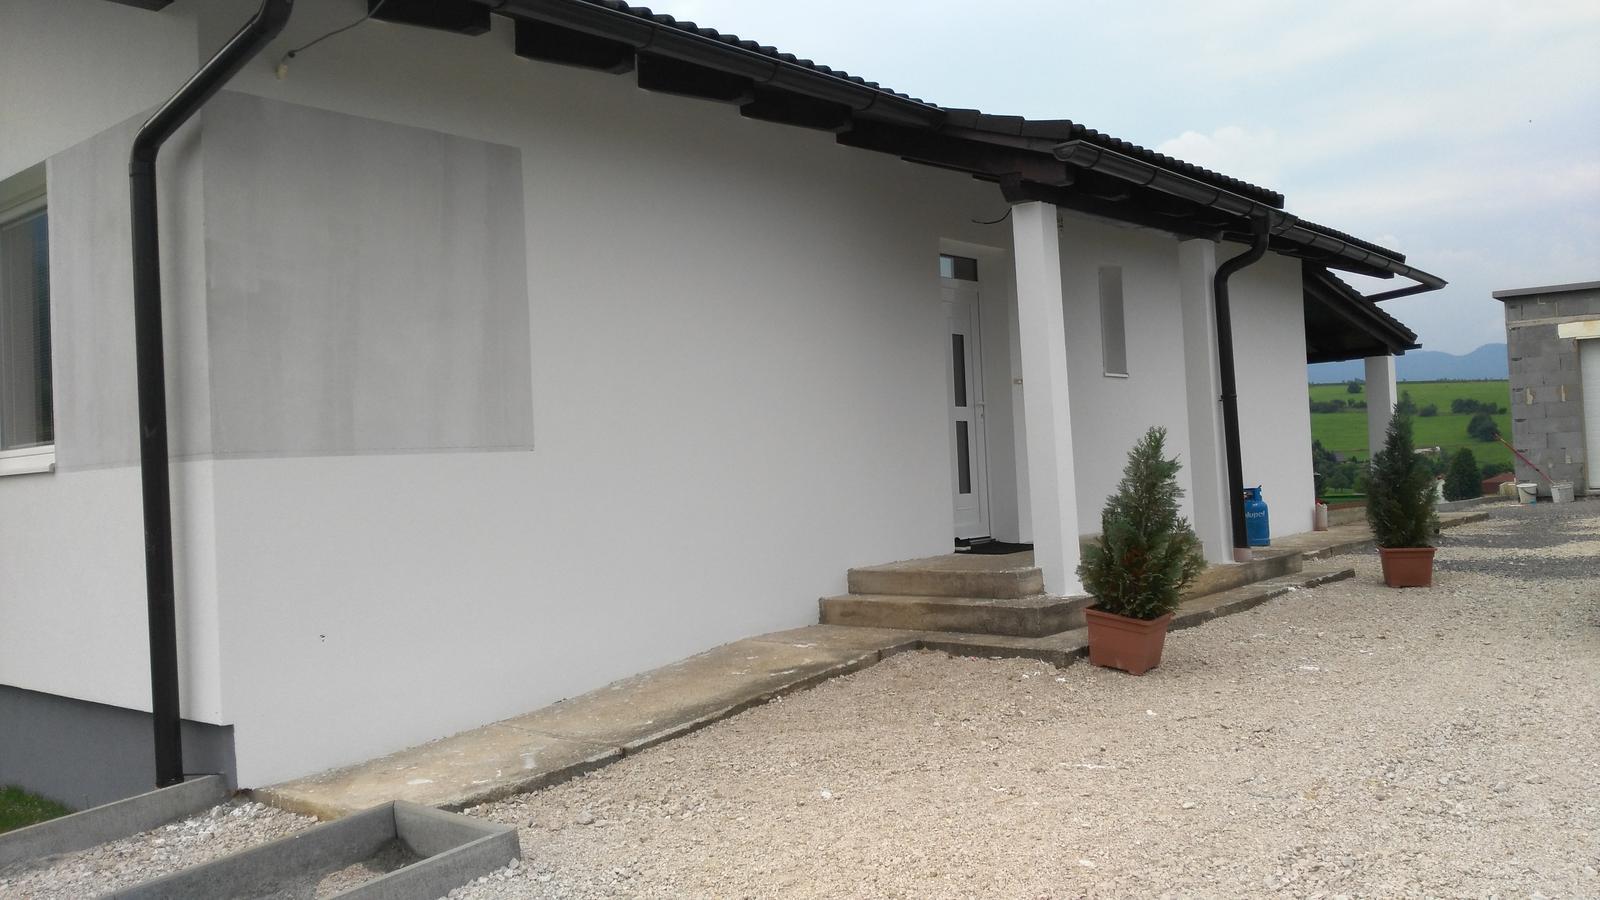 Domček na kopčeku - jednoducha biela fasada